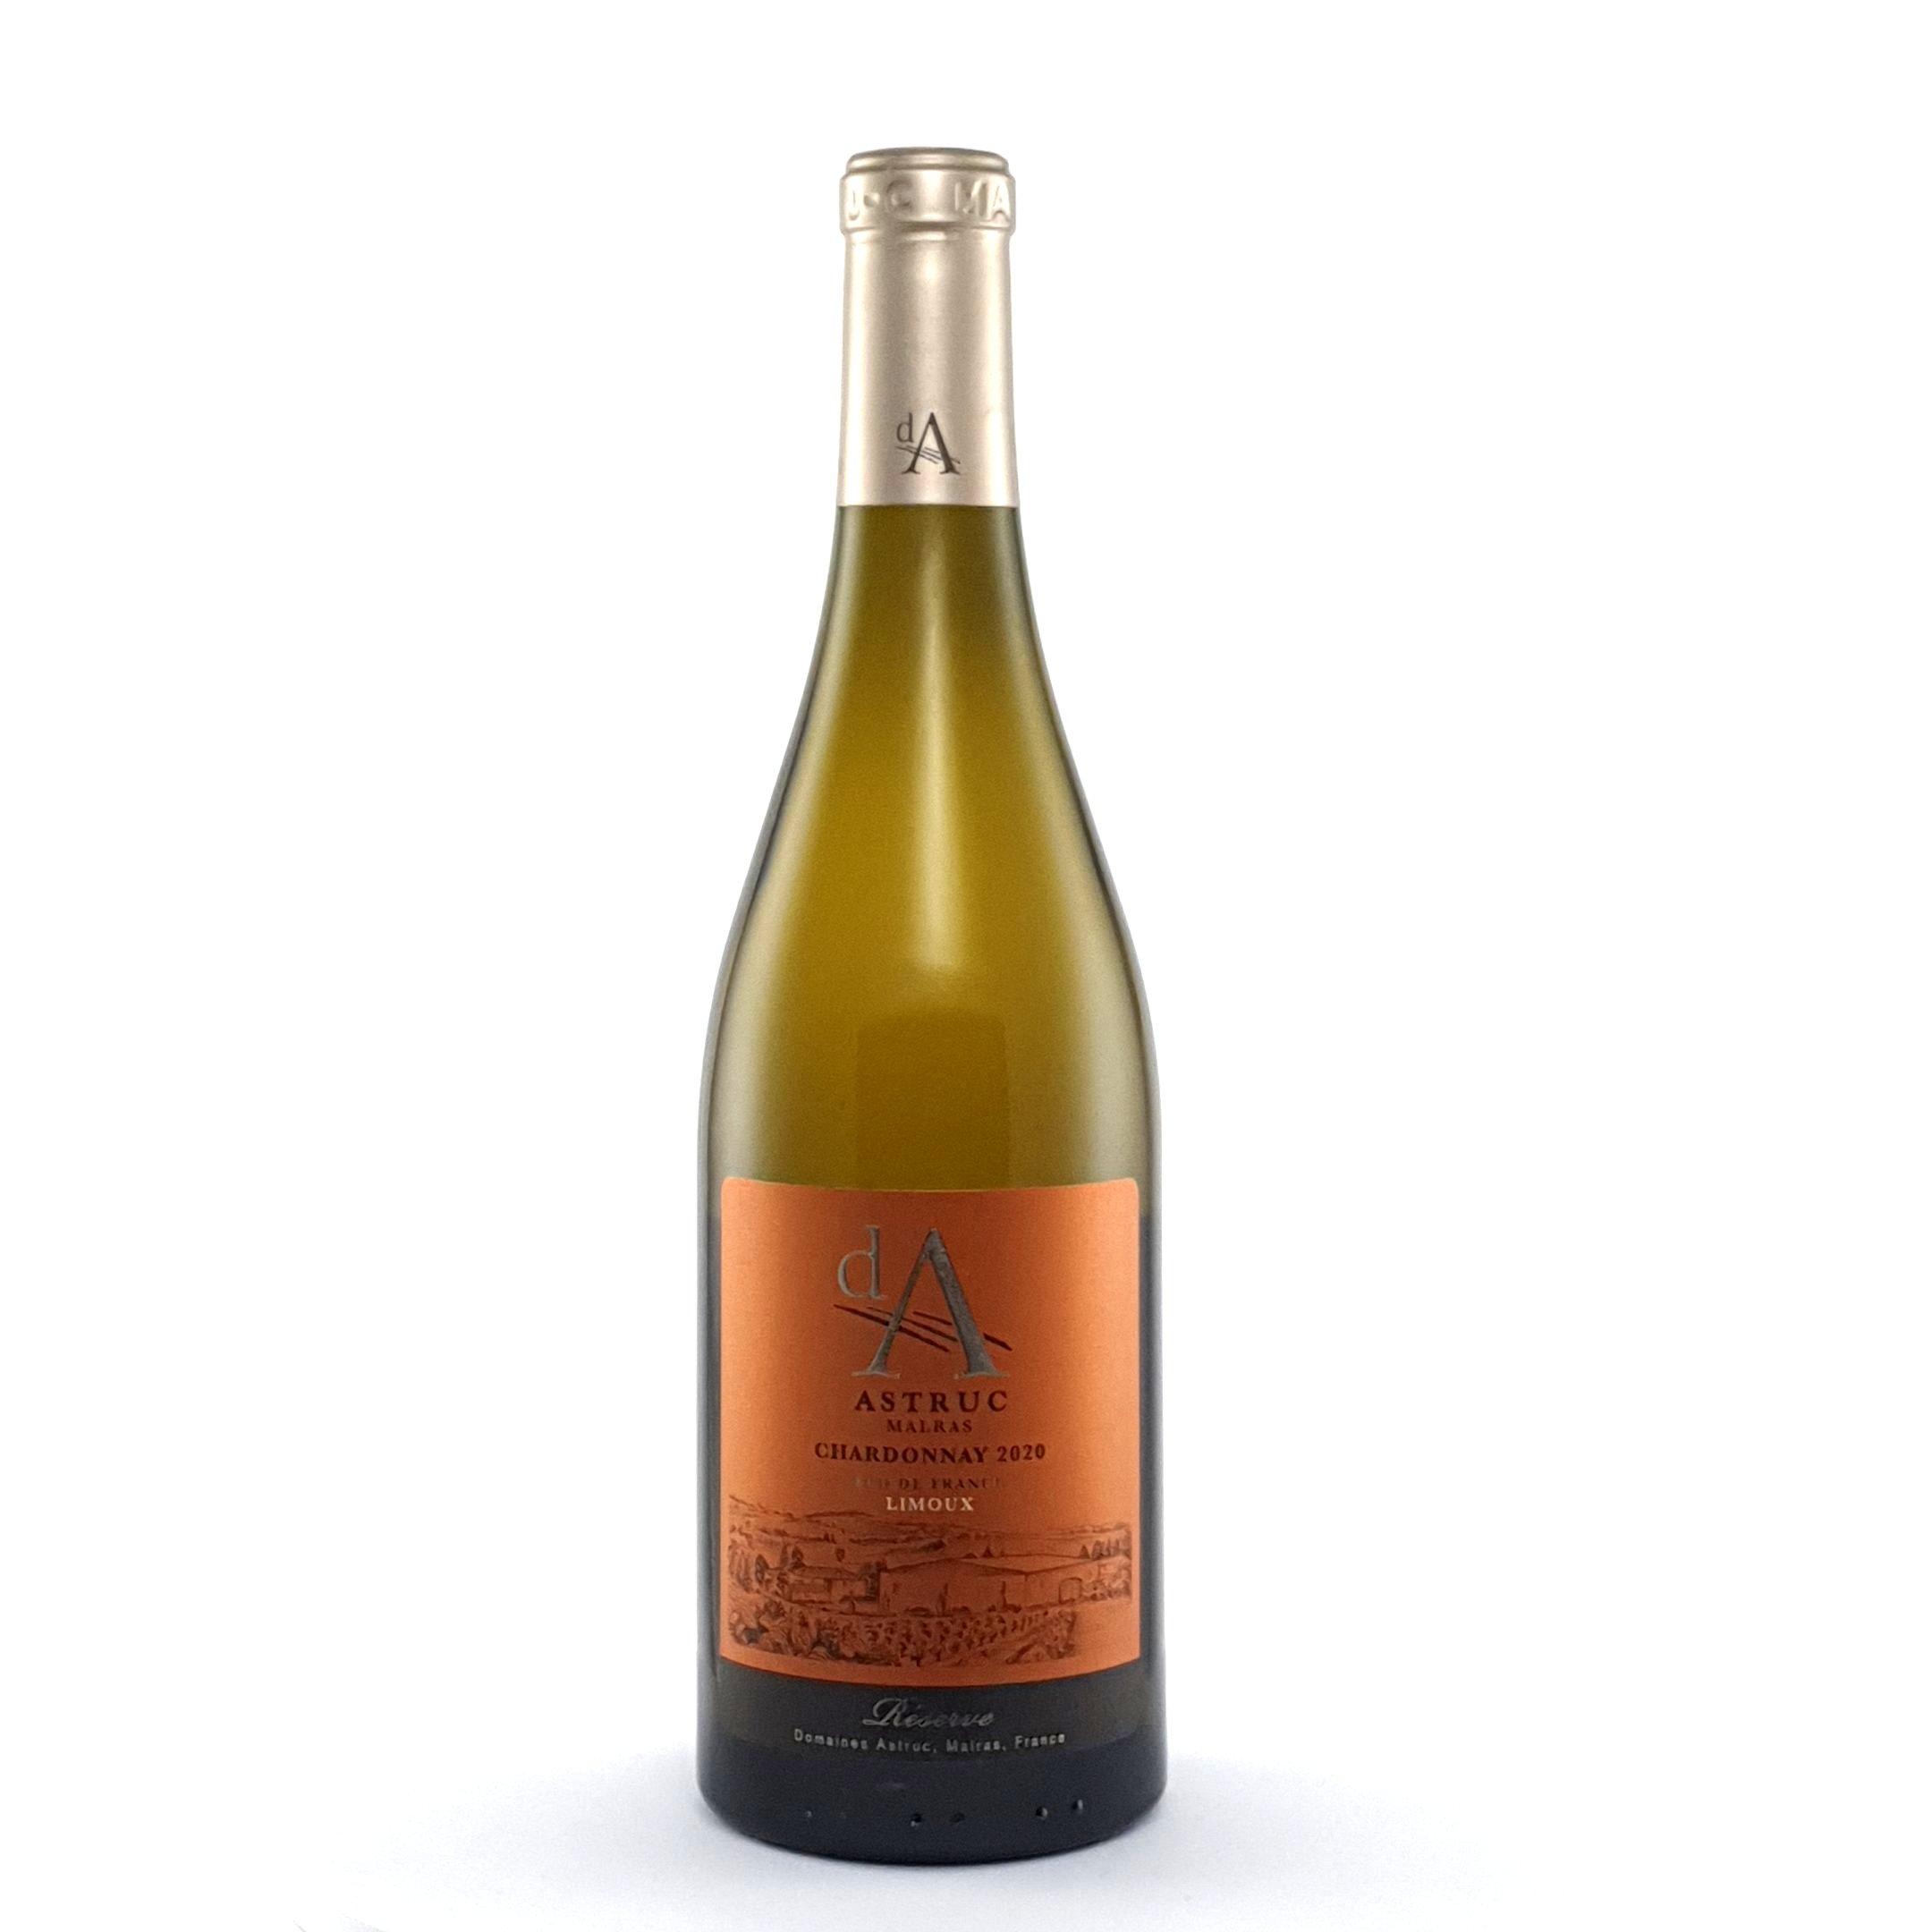 Domaine Astruc – Limoux Chardonnay 2020